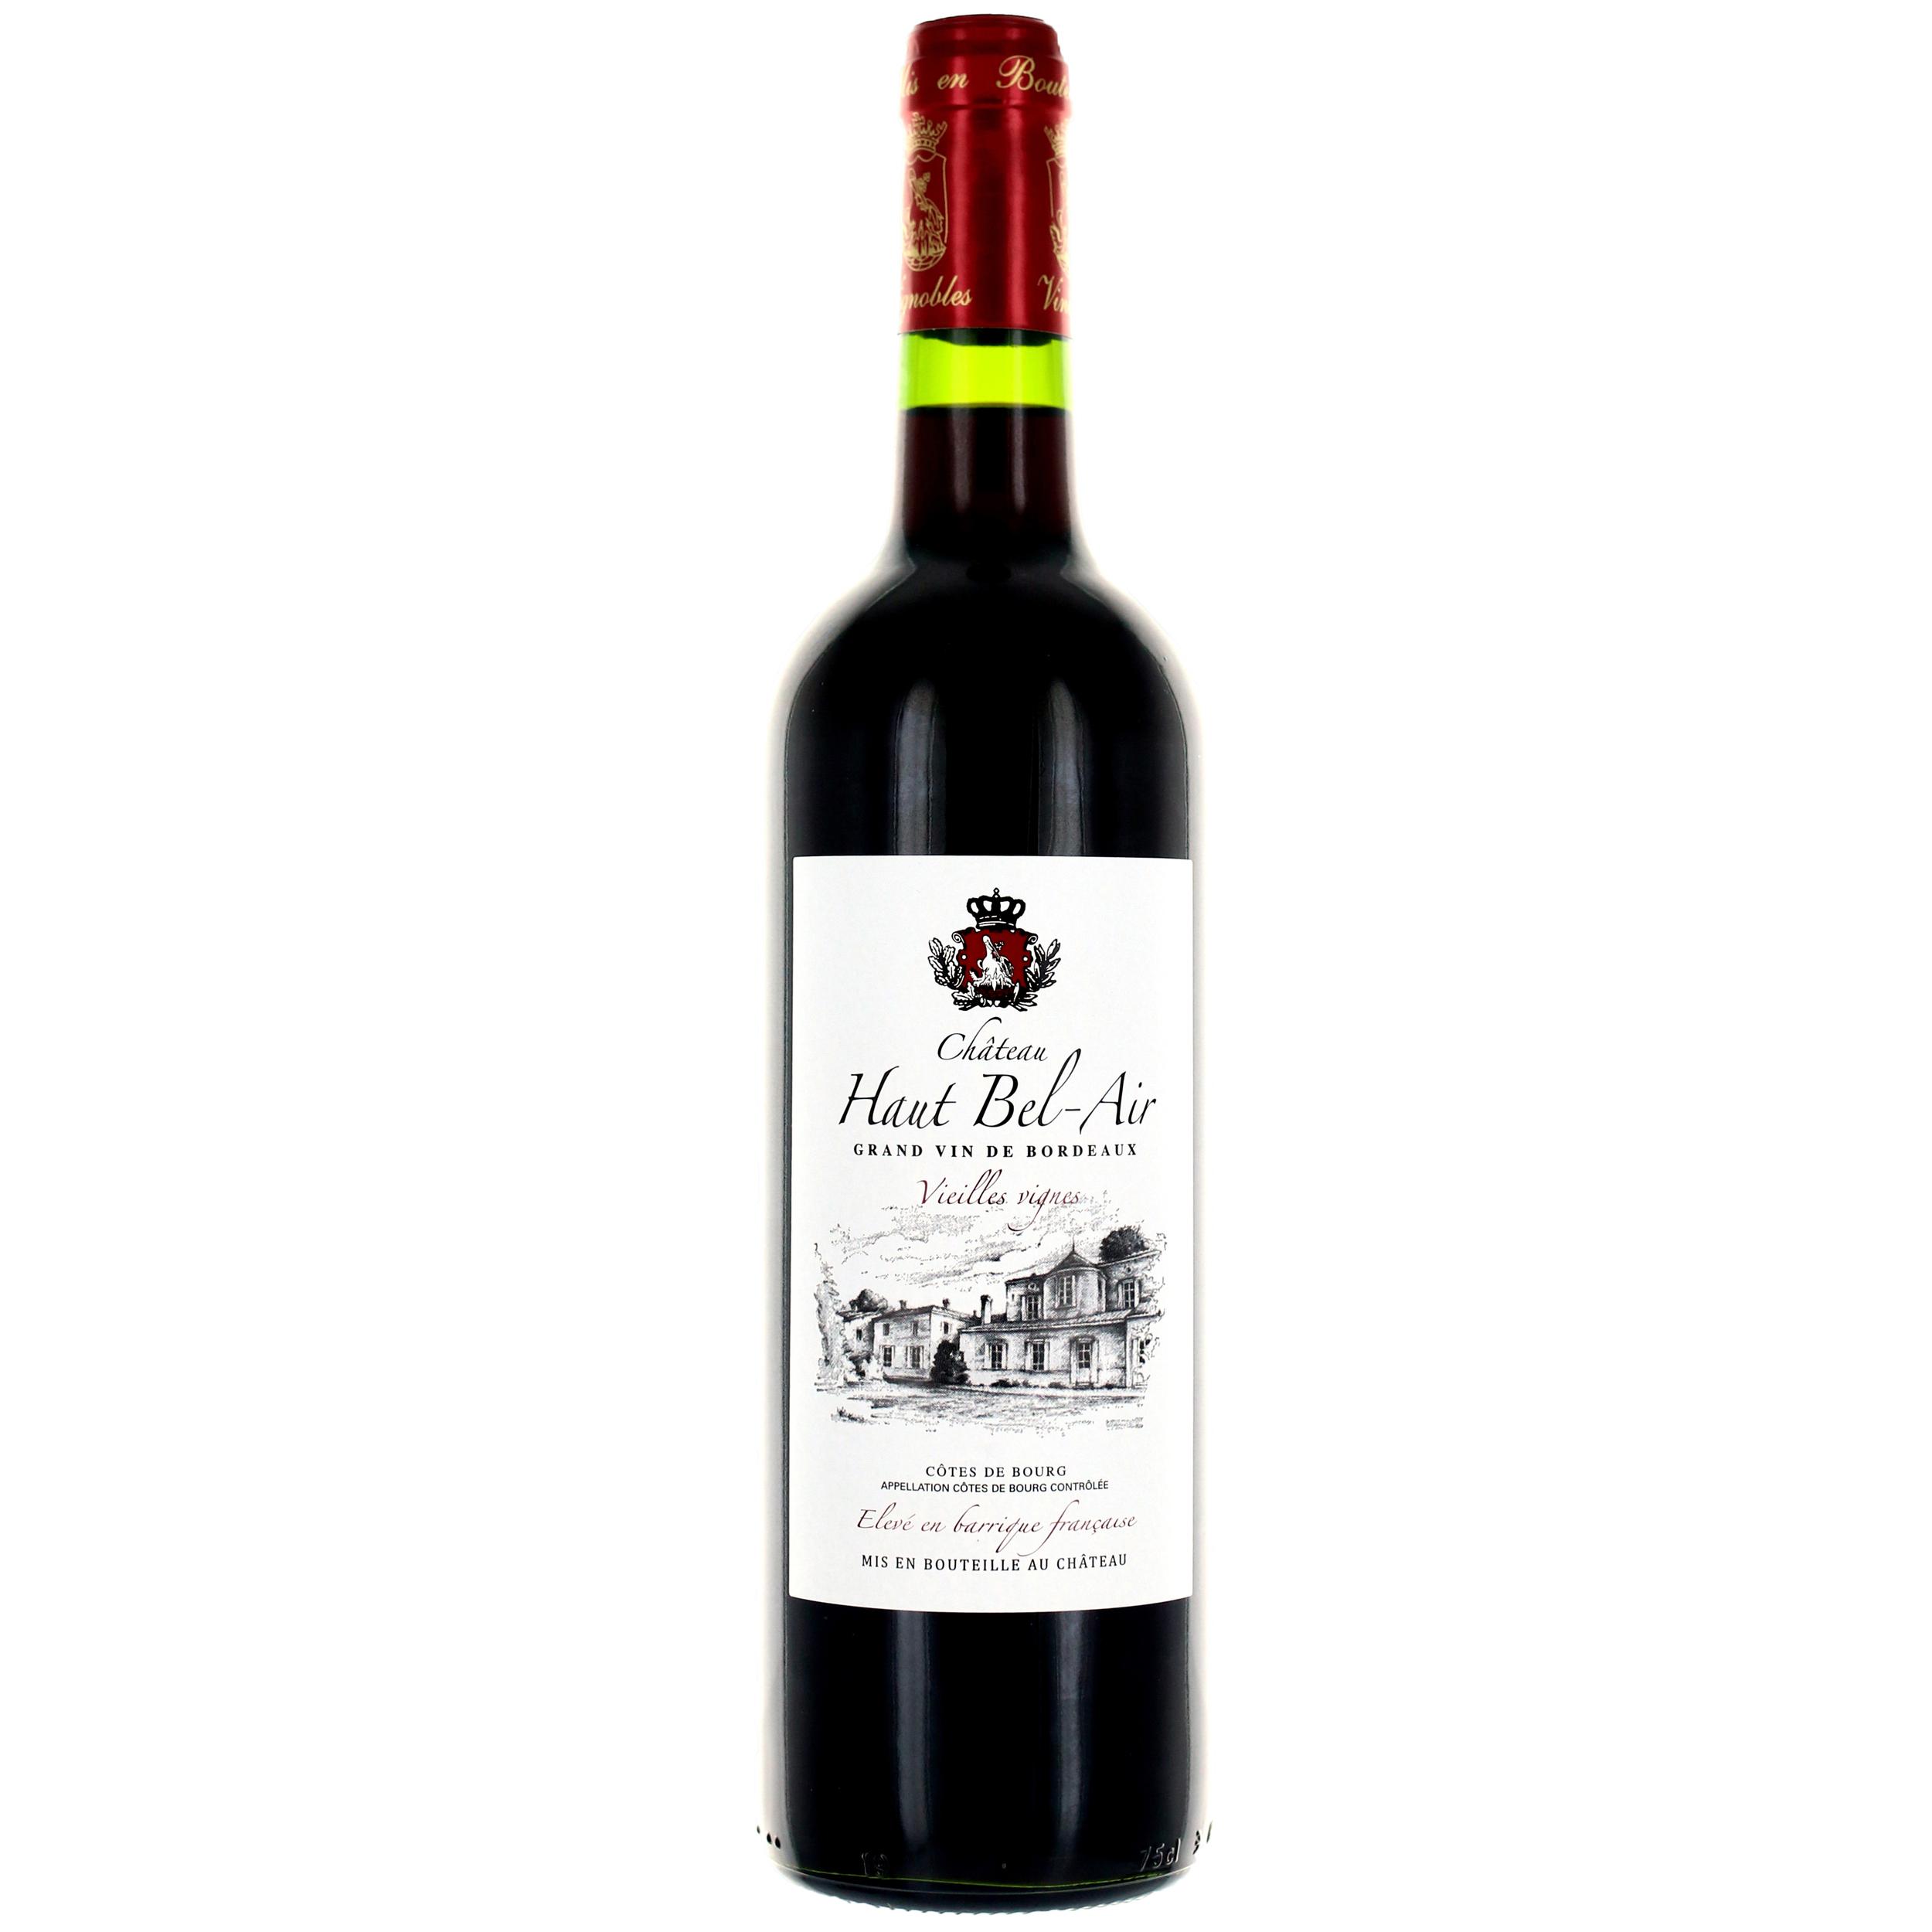 Côtes de Bourg-  Haut Bel-Air - Vignobles Lemaitre - 2017